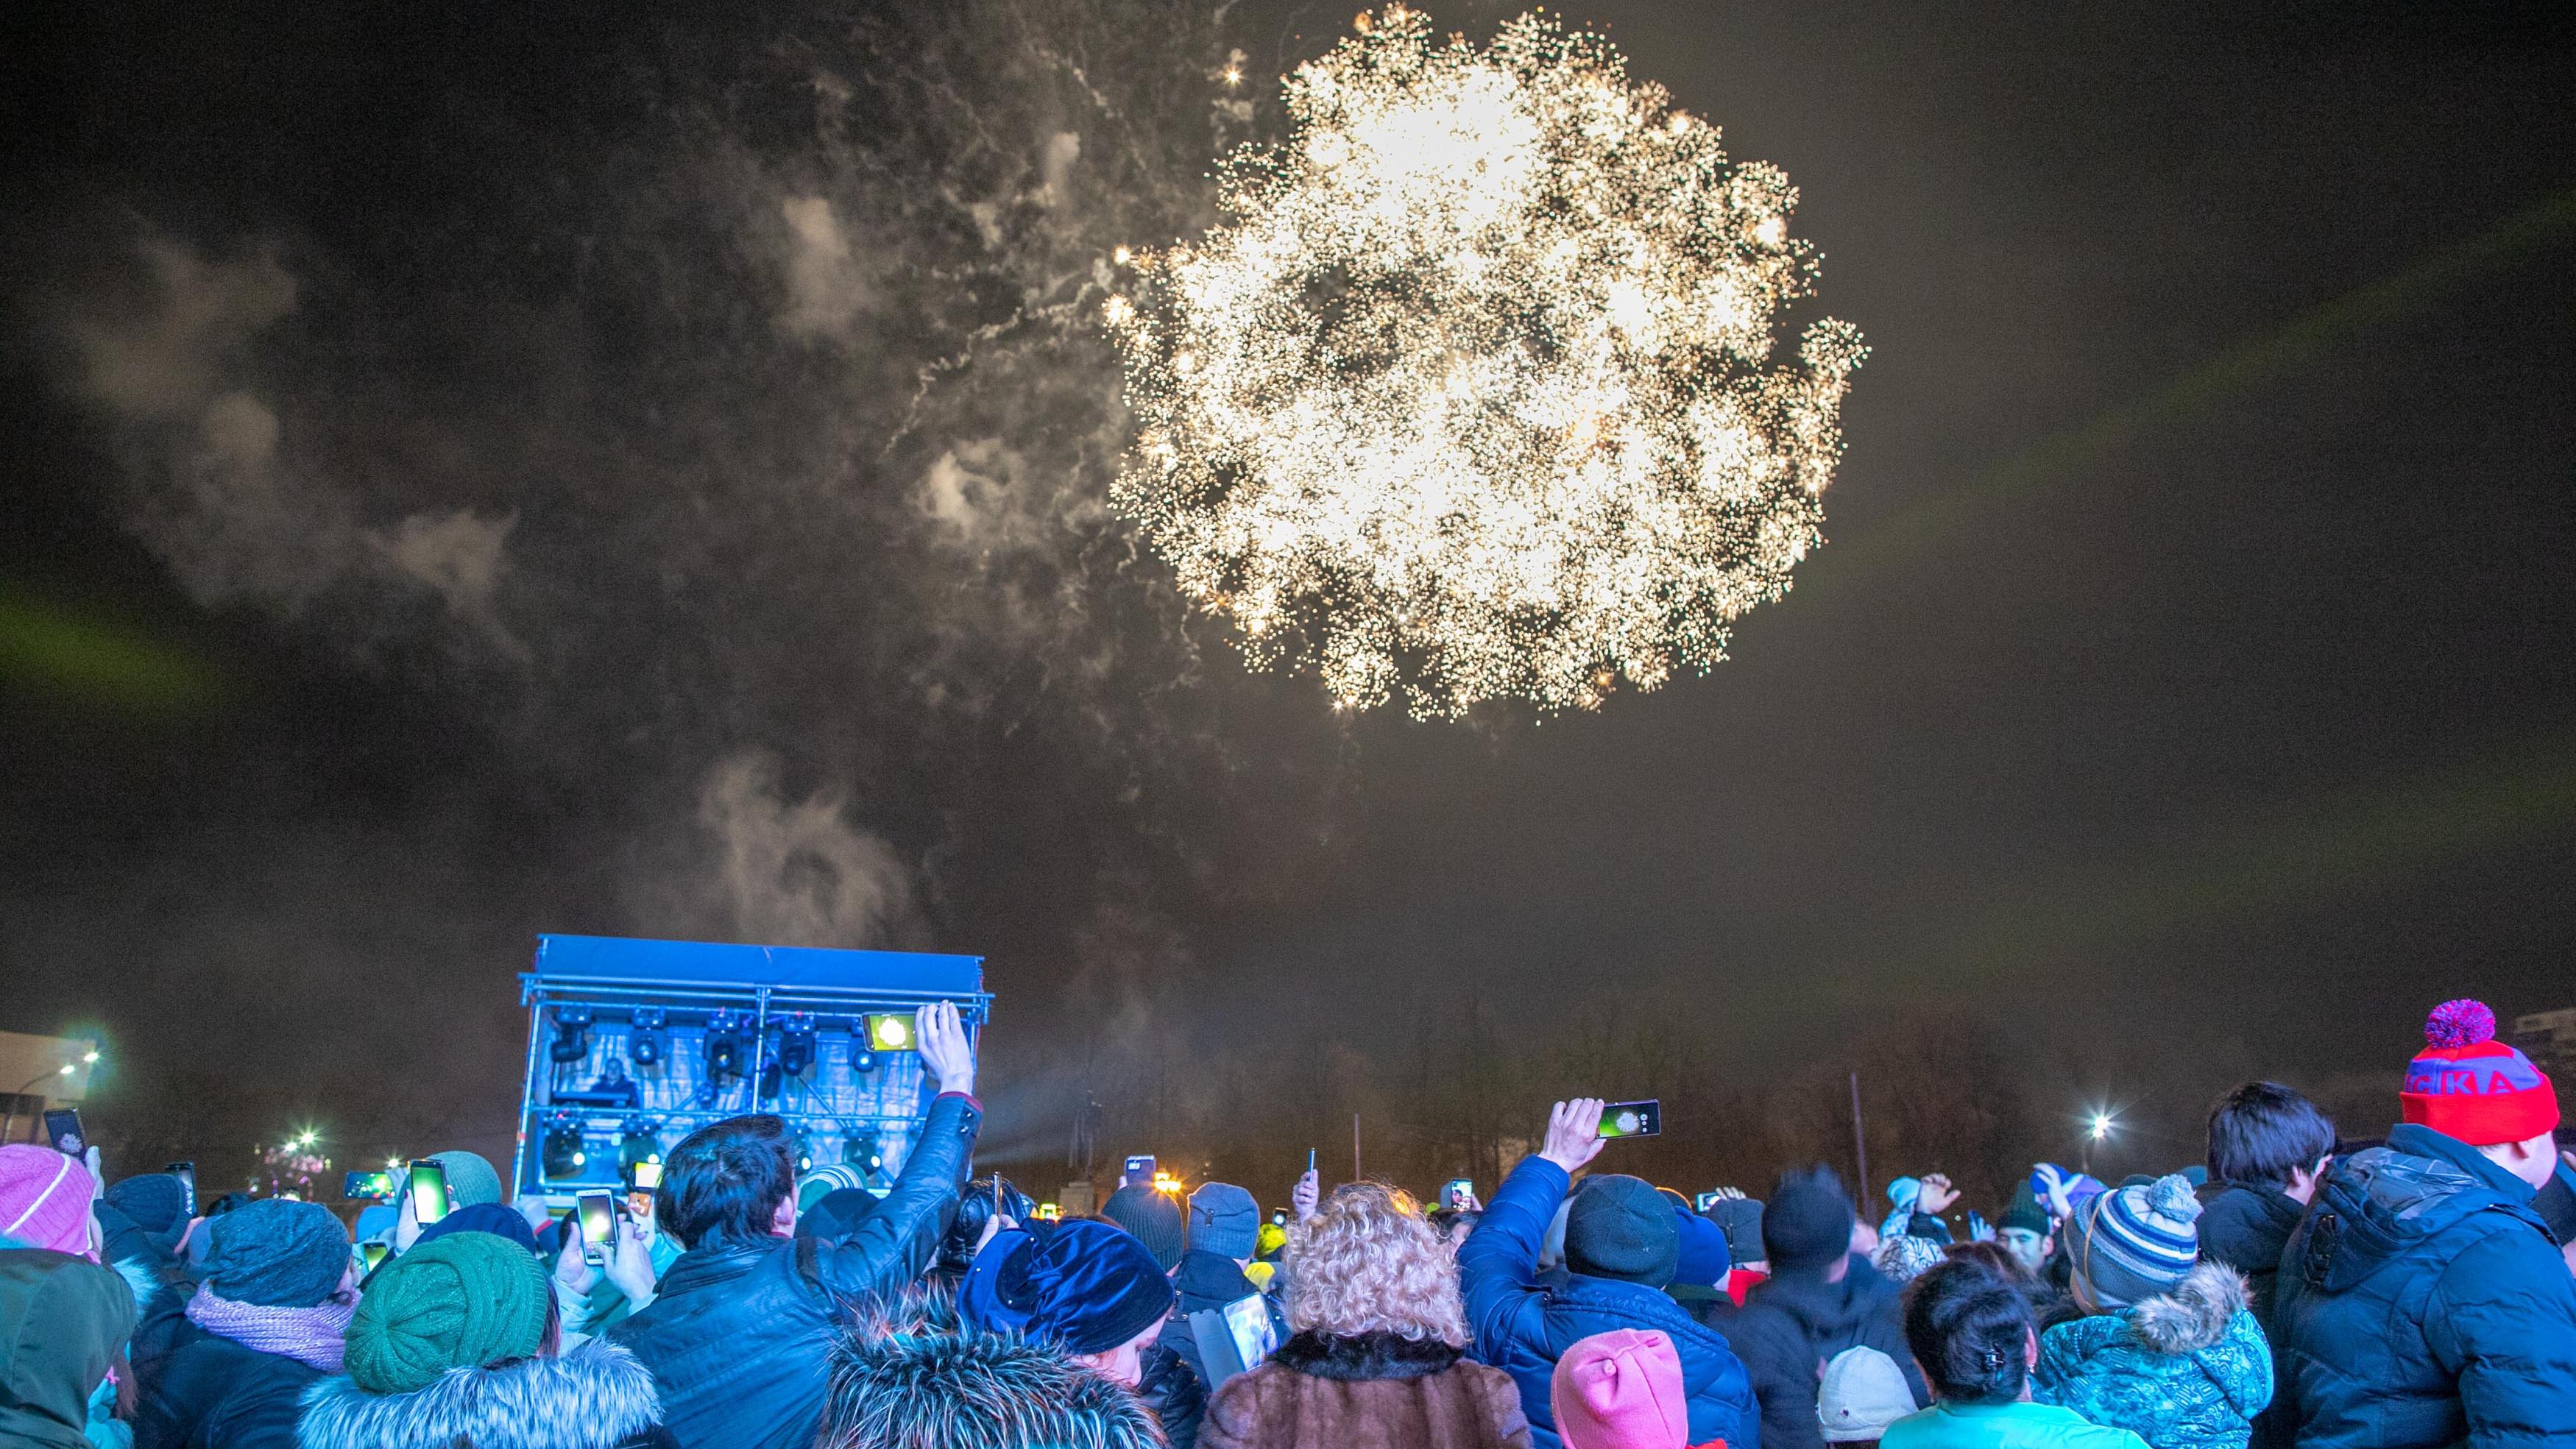 Более 4 тысяч человек встретили Новый год в сквере Поколений Подольска